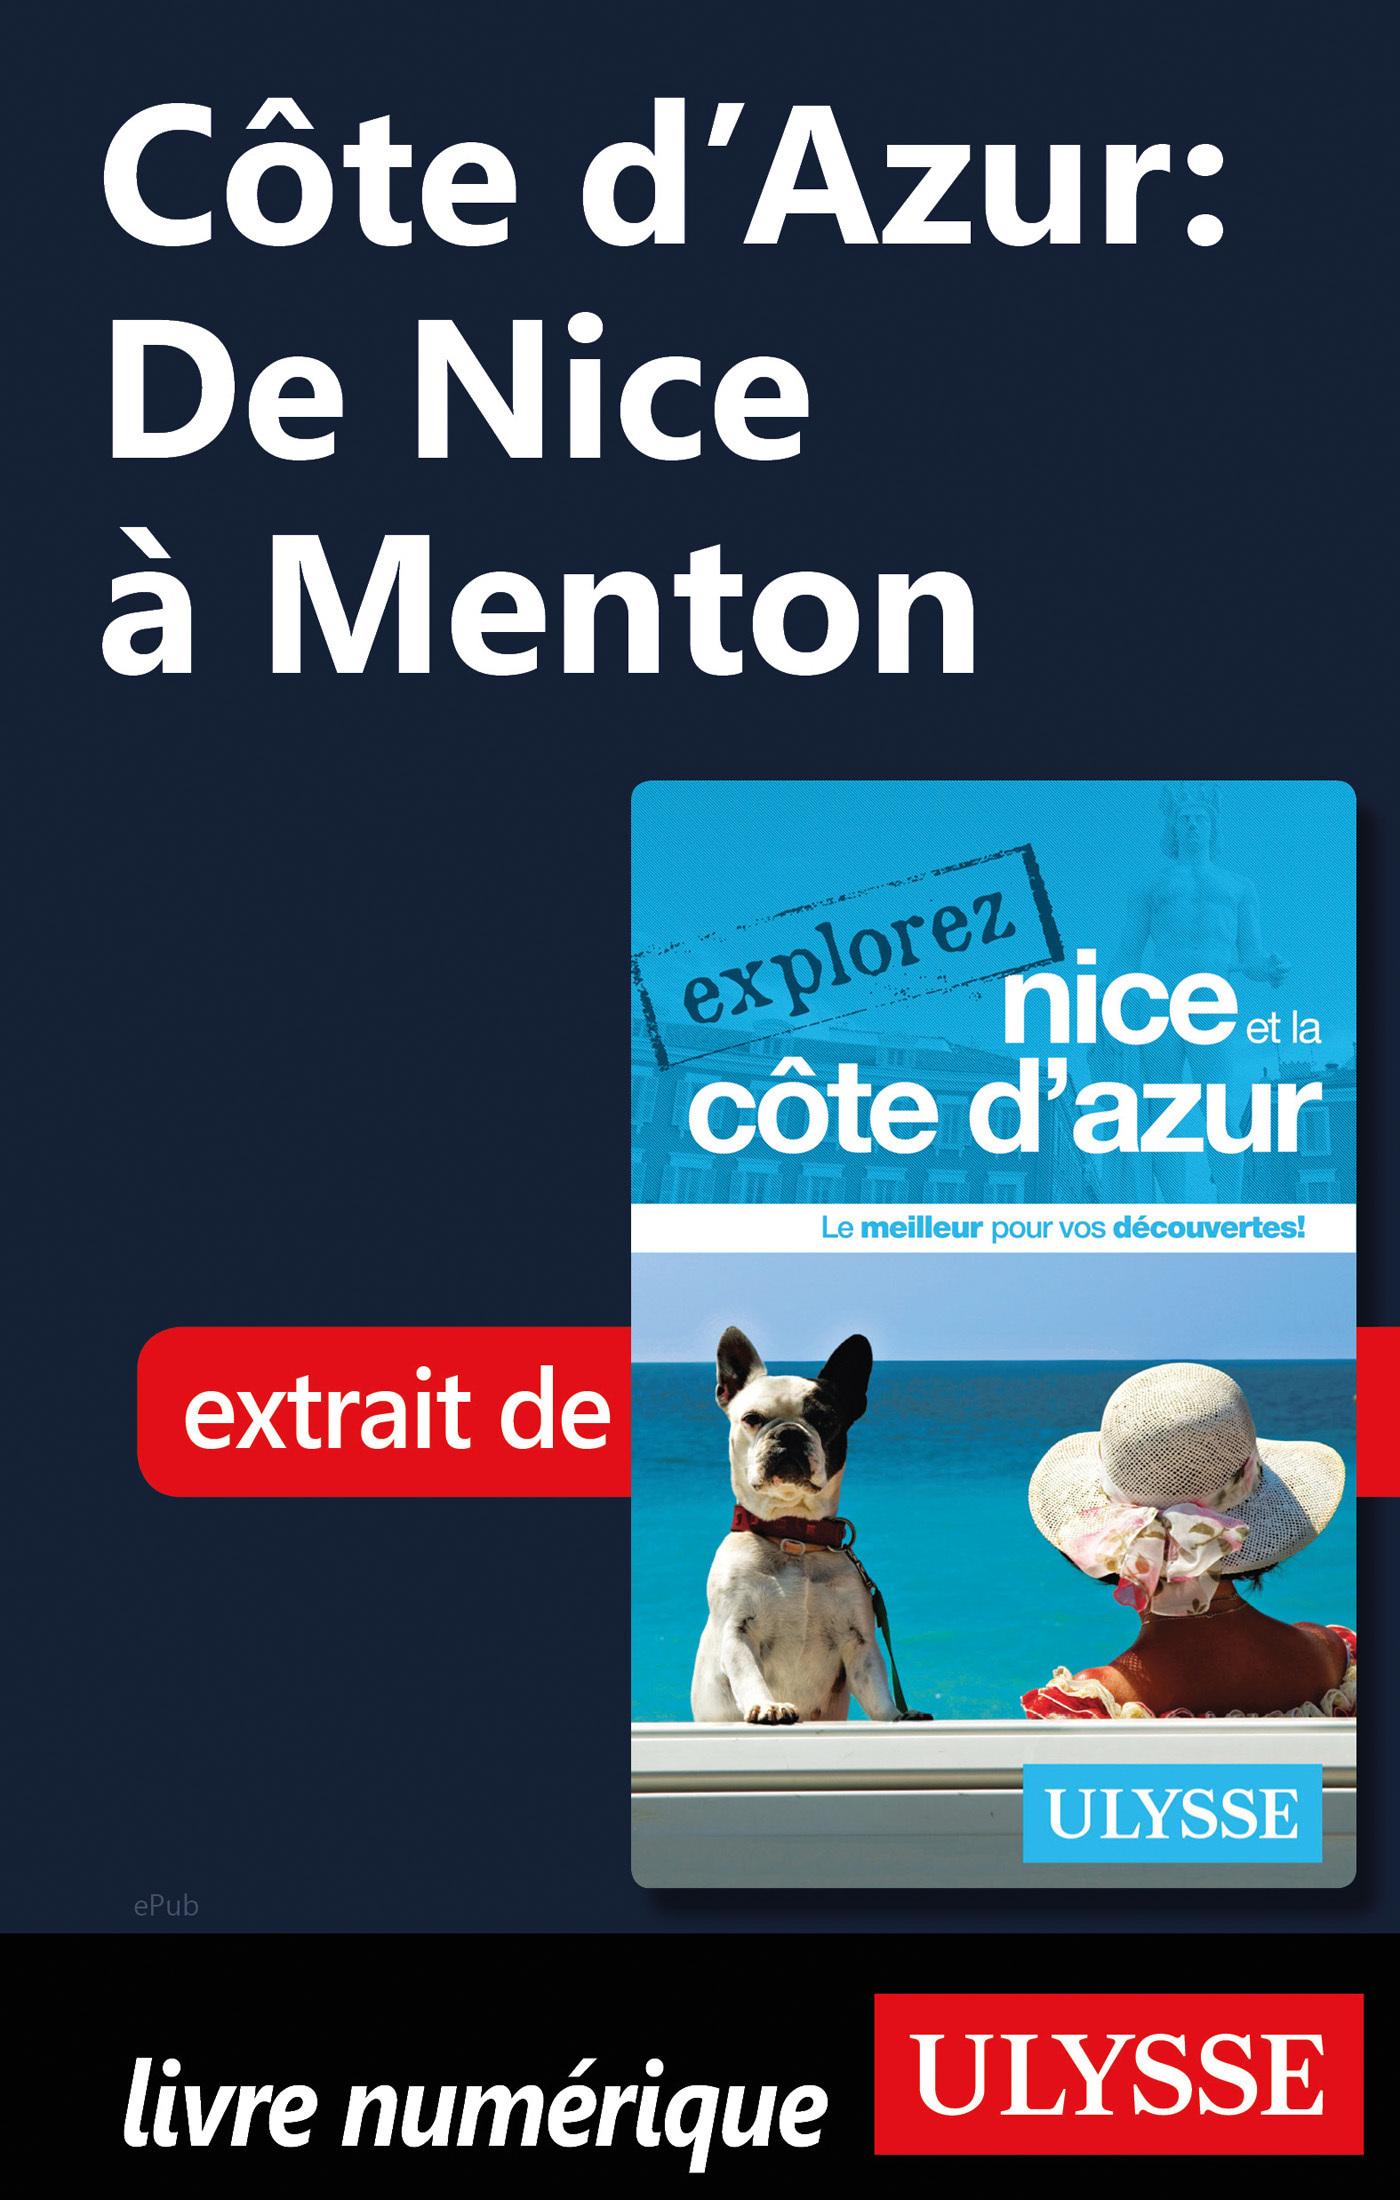 Côte d'Azur : De Nice à Menton